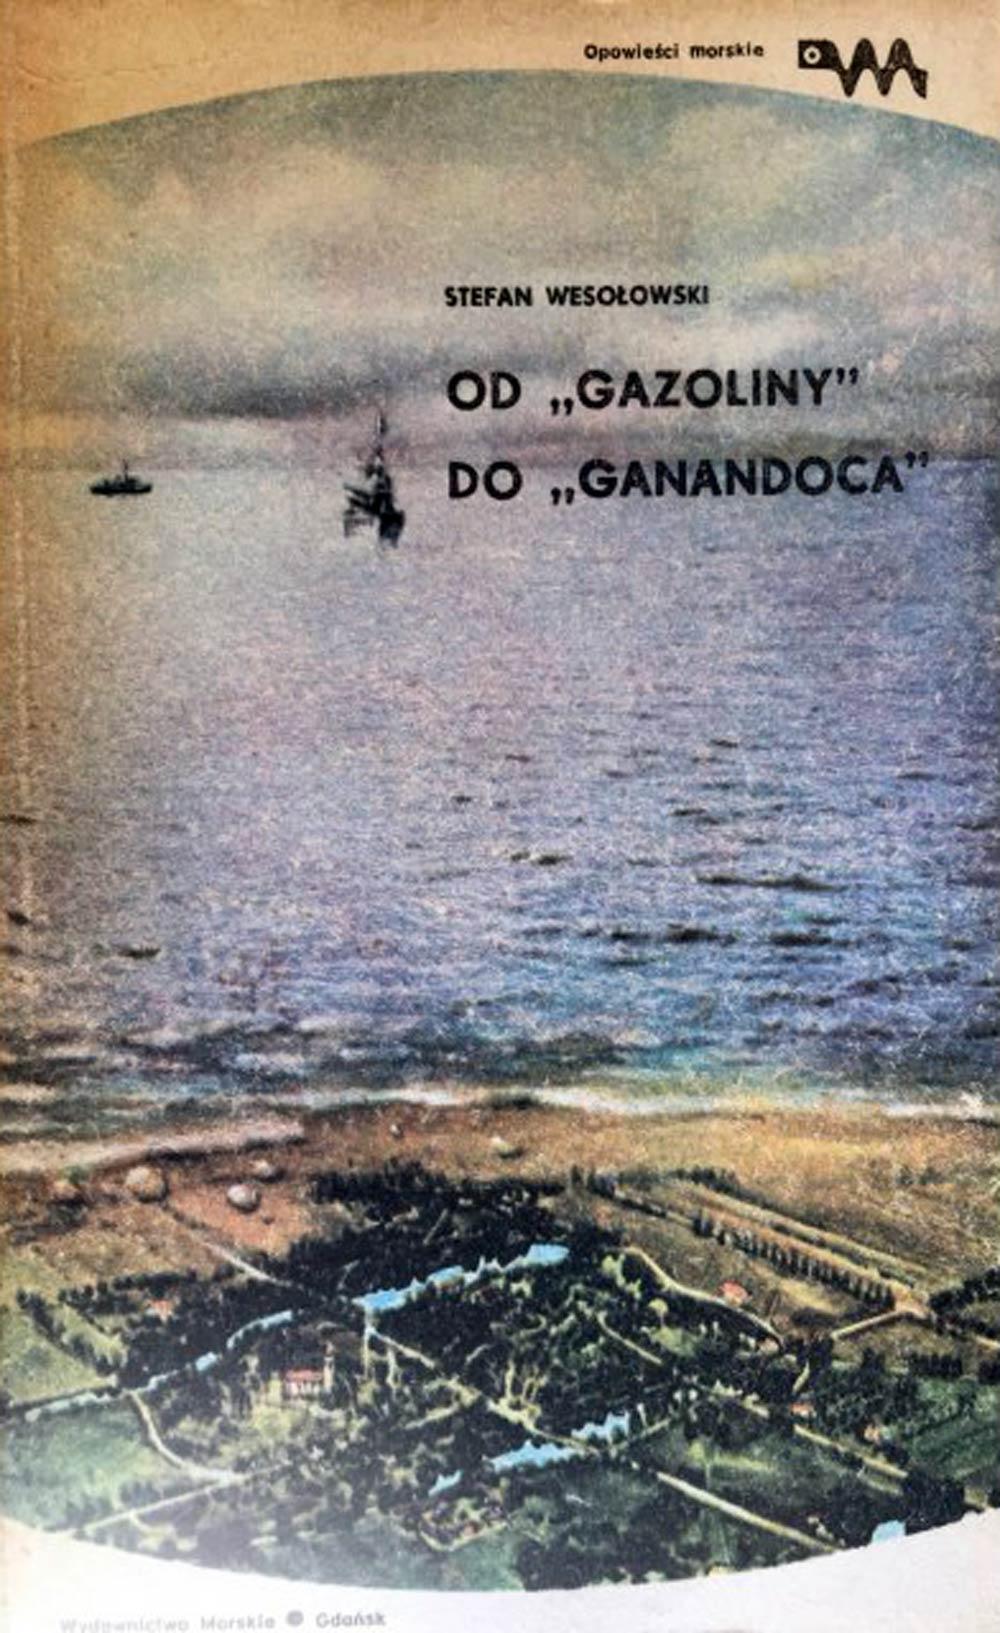 """[Wesołowski, Stefan (1909-1987)] Od """"Gazoliny"""" do """"Ganandoca"""" / Stefan Wesołowski ; [posł. Jerzy Pertek] / Wesołowski, Stefan. - Wydawnictwo Morskie : Gdańsk, 1983, 229 s."""